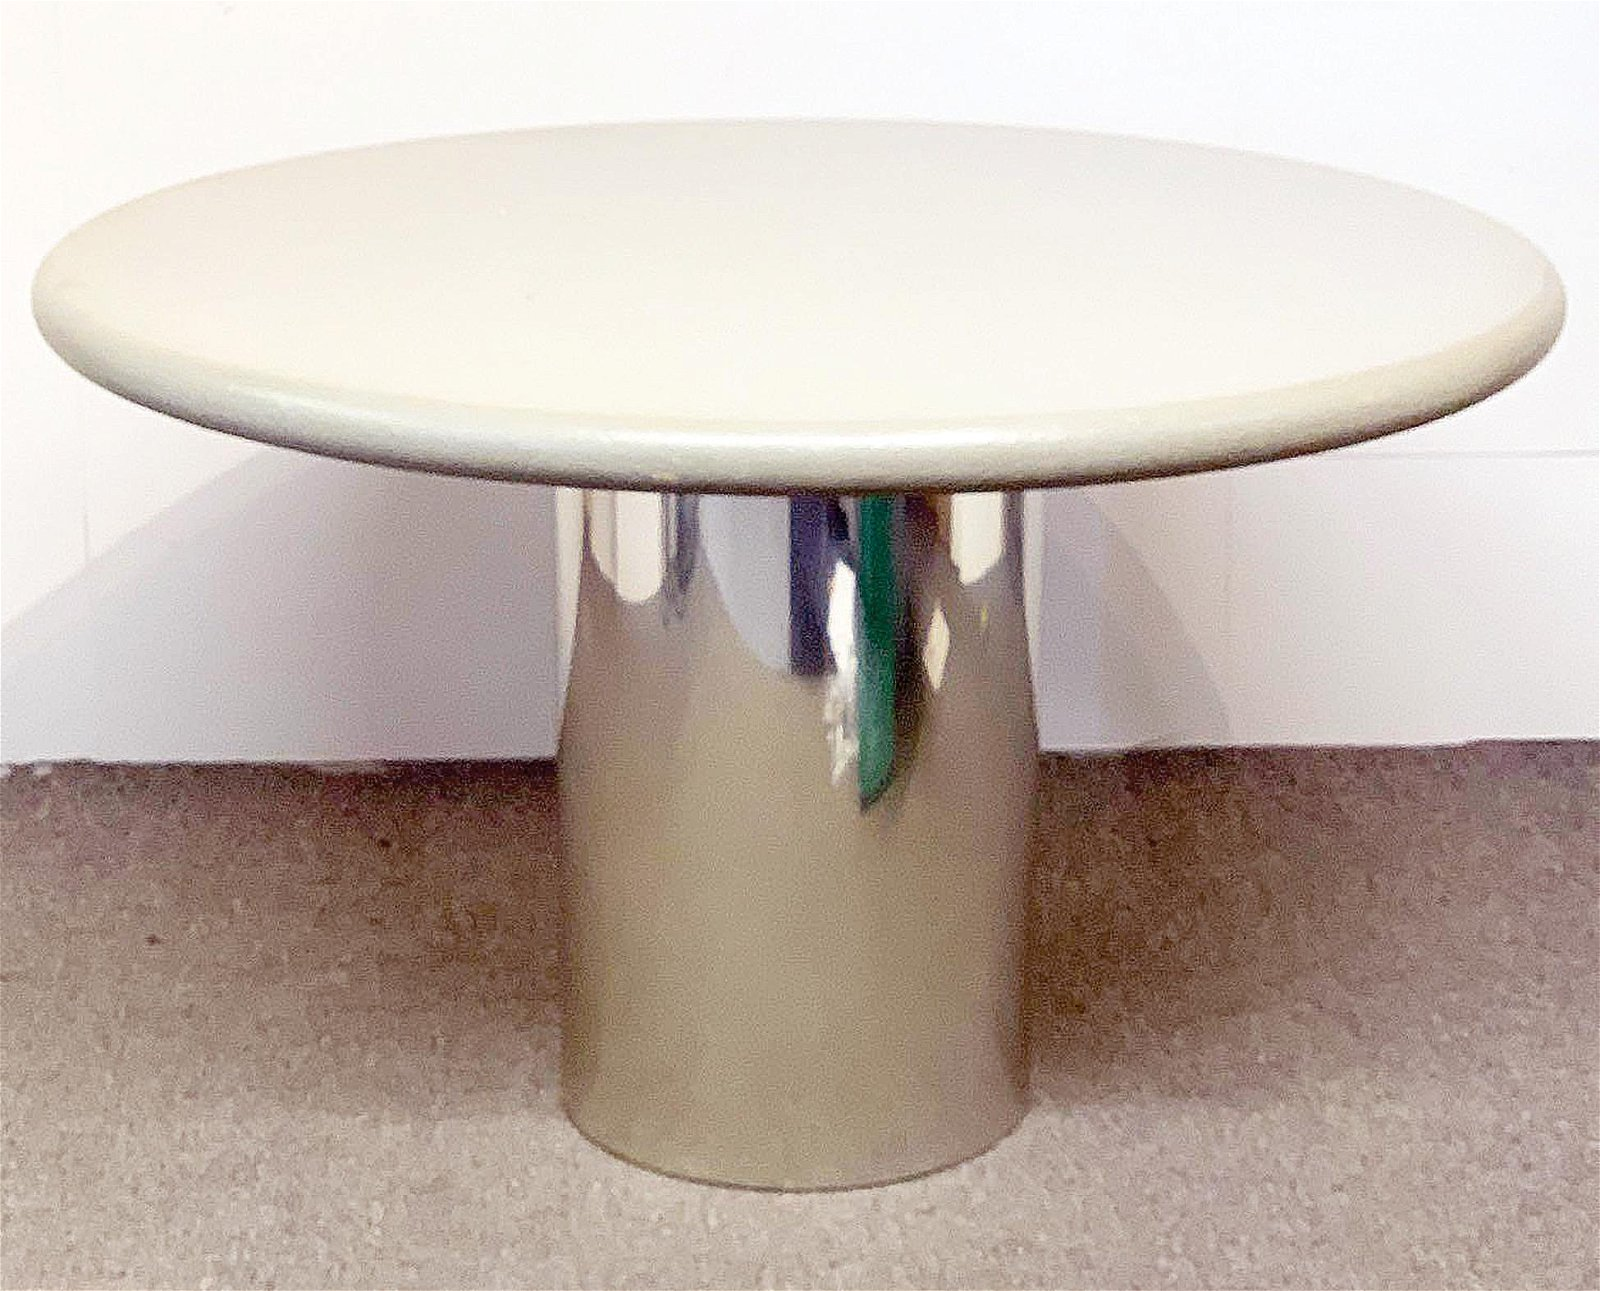 Karl Springer-style Pedestal Dining Table